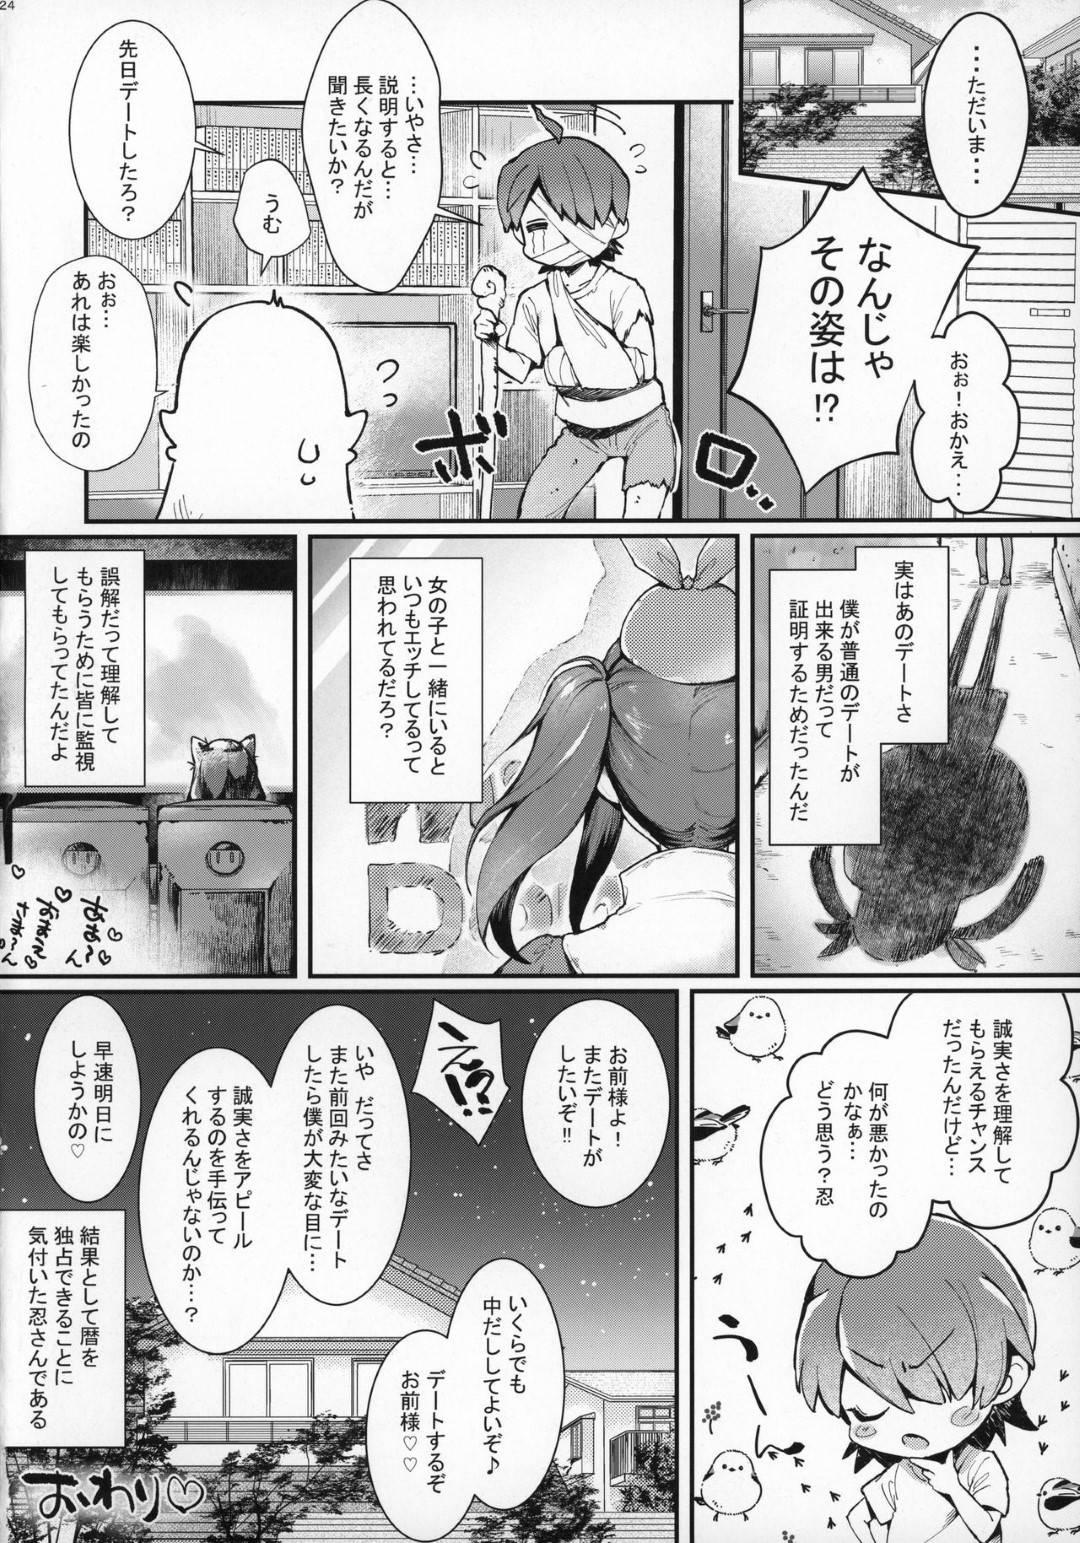 【化物語エロ漫画】ロリ忍とデートすることになった暦。普通にデートするわけではなく彼女に路地裏に連れ込まれ、スカートをたくし上げて誘惑されて青姦セックス!生挿入立ちバックで中出しするまでやりまくる。【薬味紅生姜】